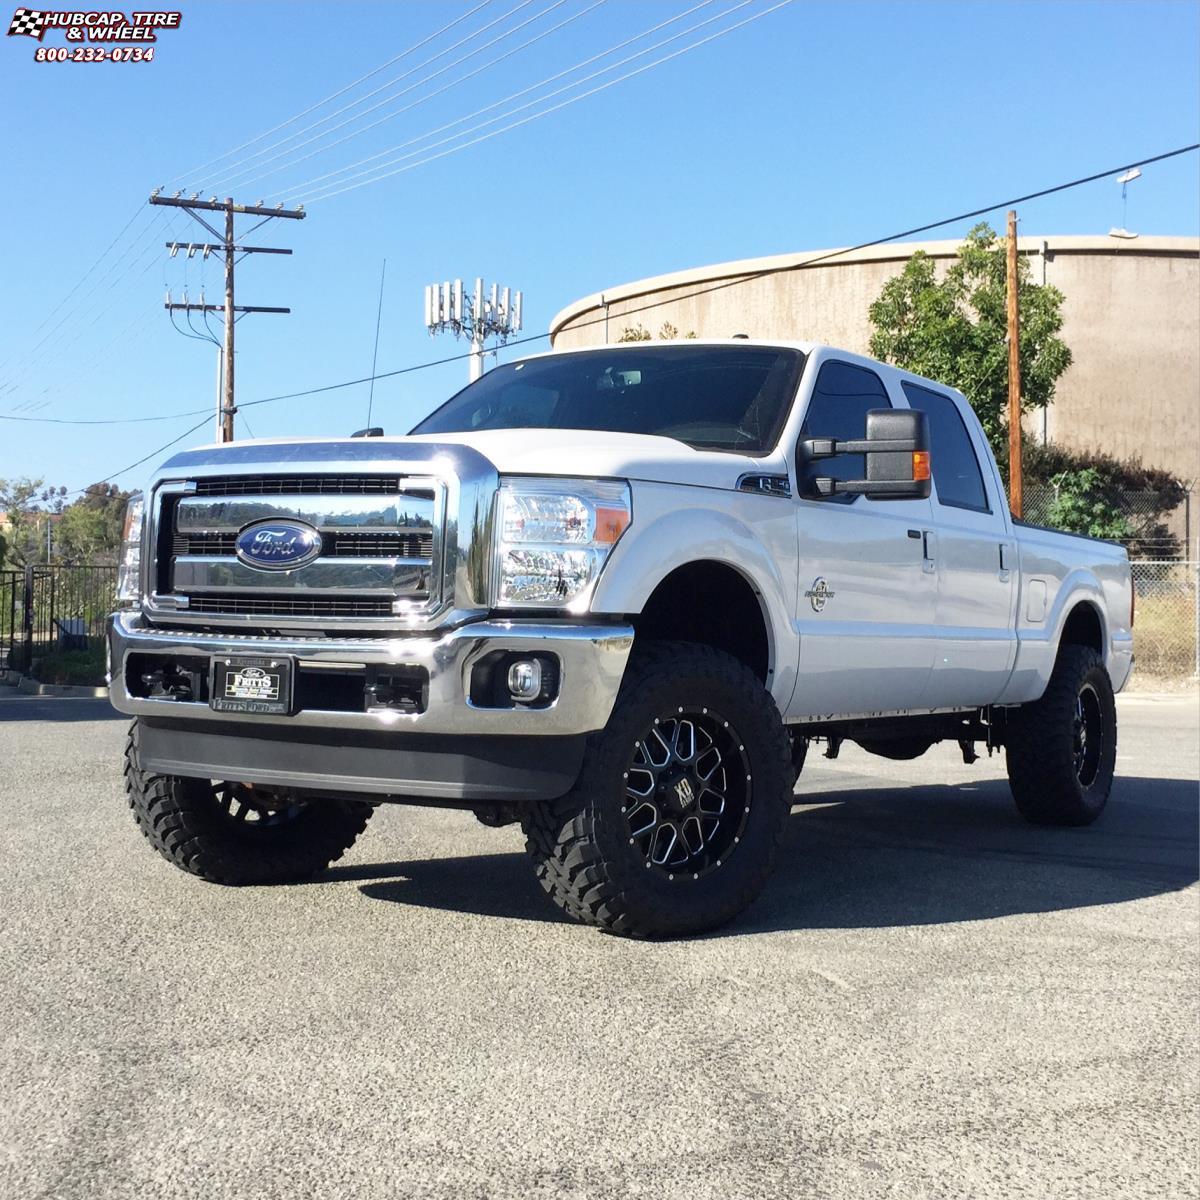 Ford F250 Wheels >> Ford F 250 Super Duty Xd Series Xd820 Grenade Wheels